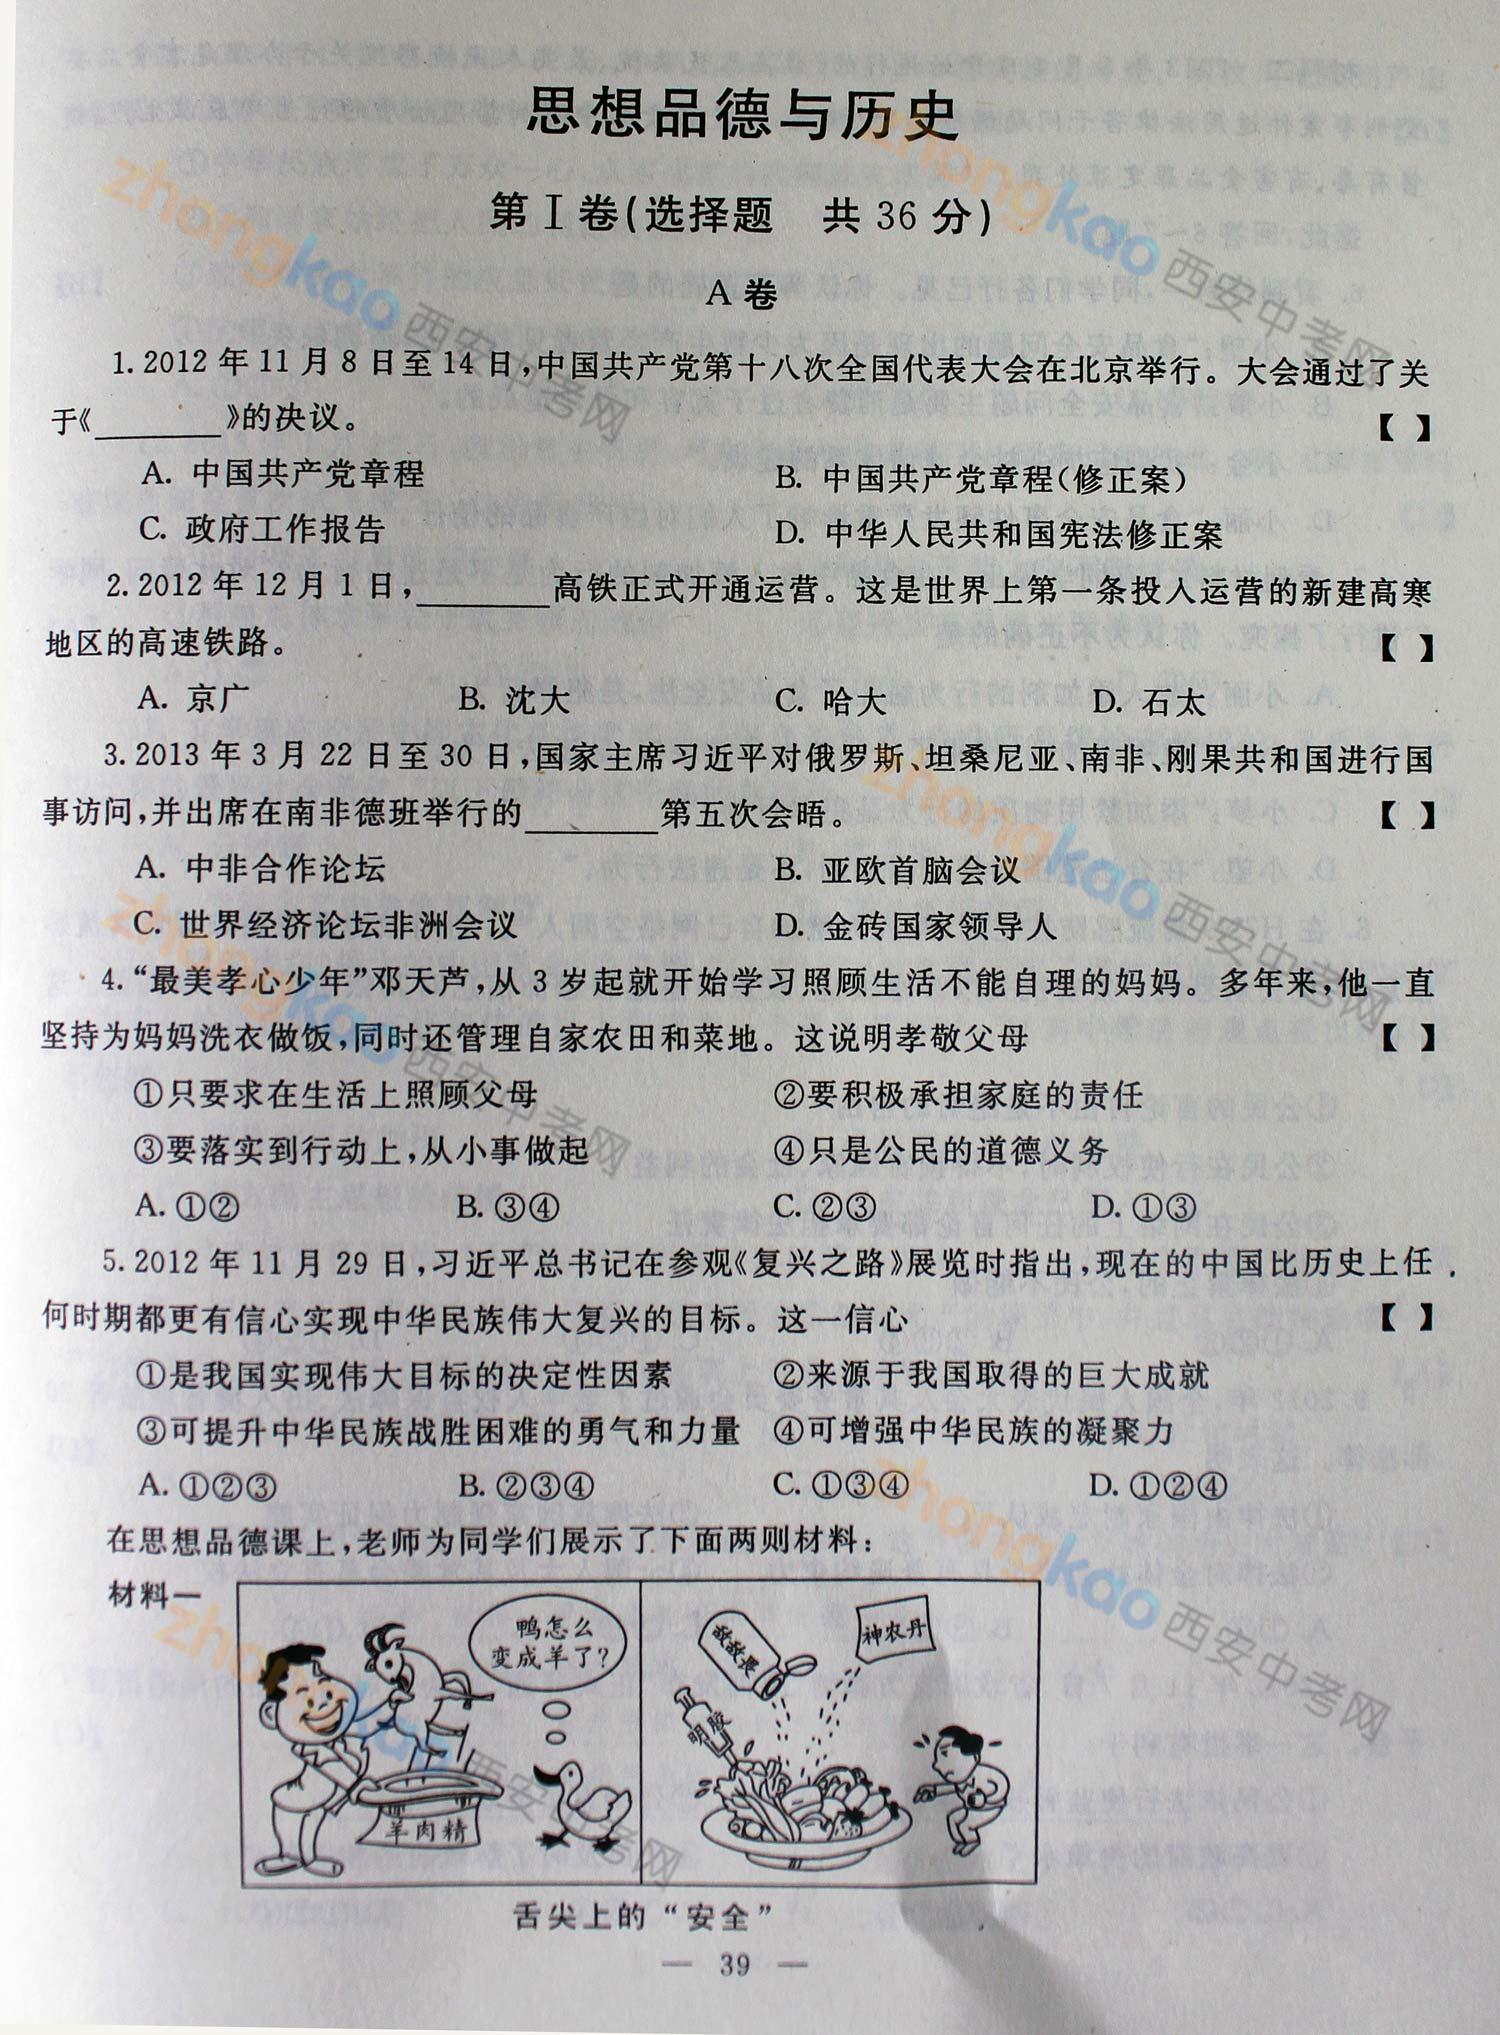 2013中考 中考真题 西安中考真题 史政真题